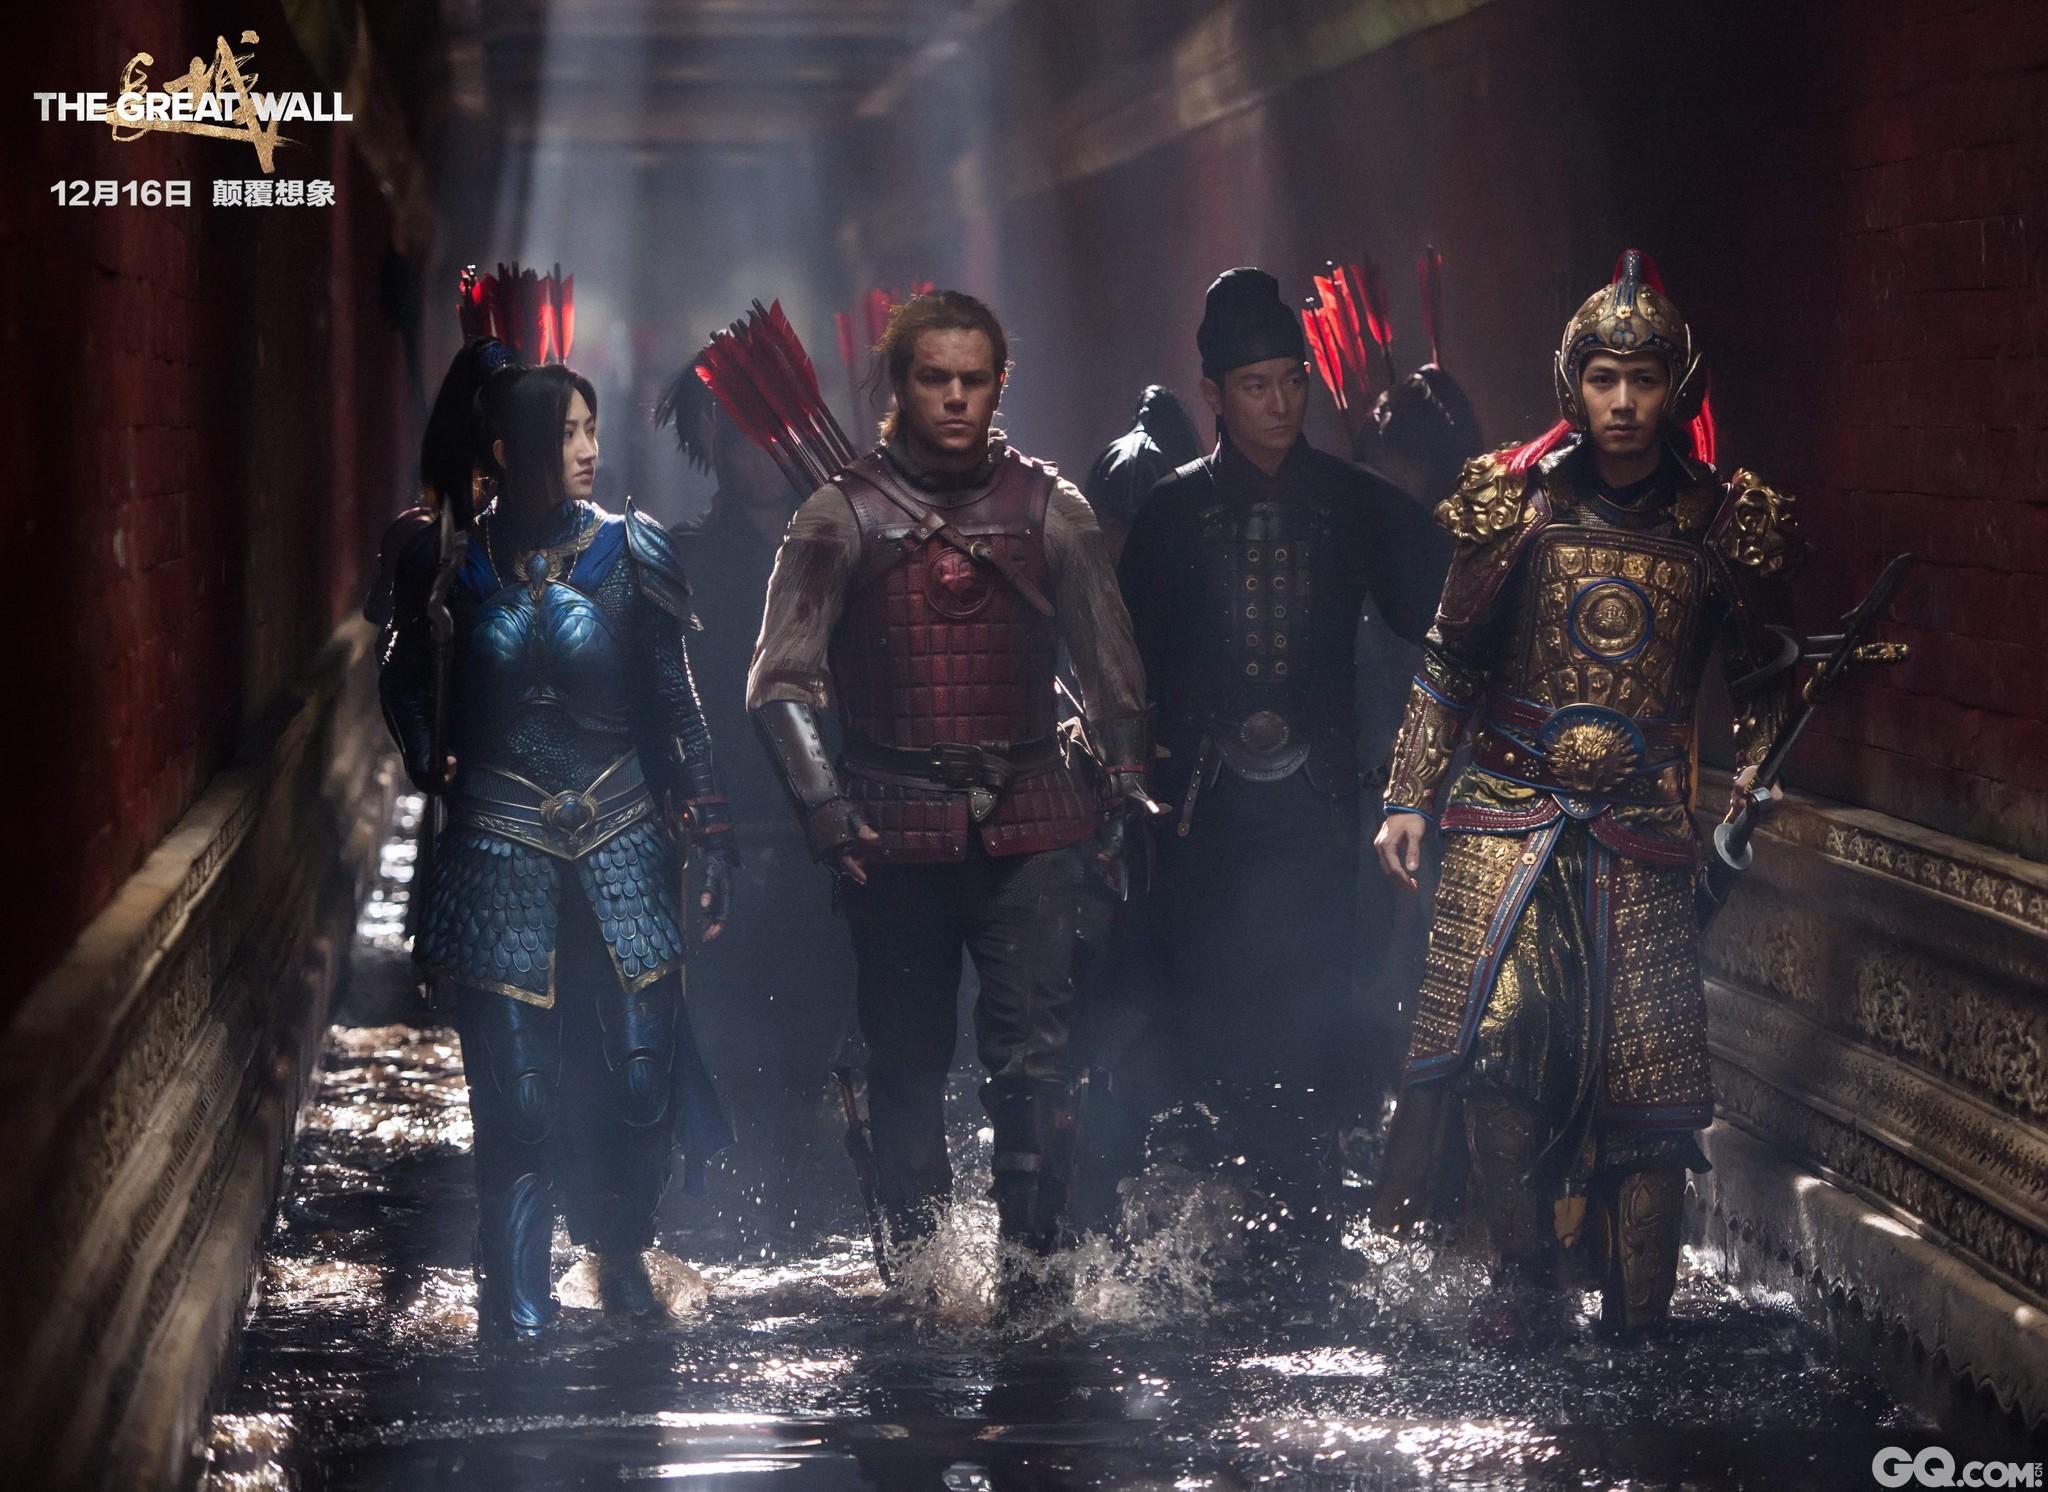 由张艺谋执导的贺岁饕餮巨制《长城》将于12月16日全国公映,影片由中国电影股份有限公司、乐视影业、传奇影业、环球影业联合出品